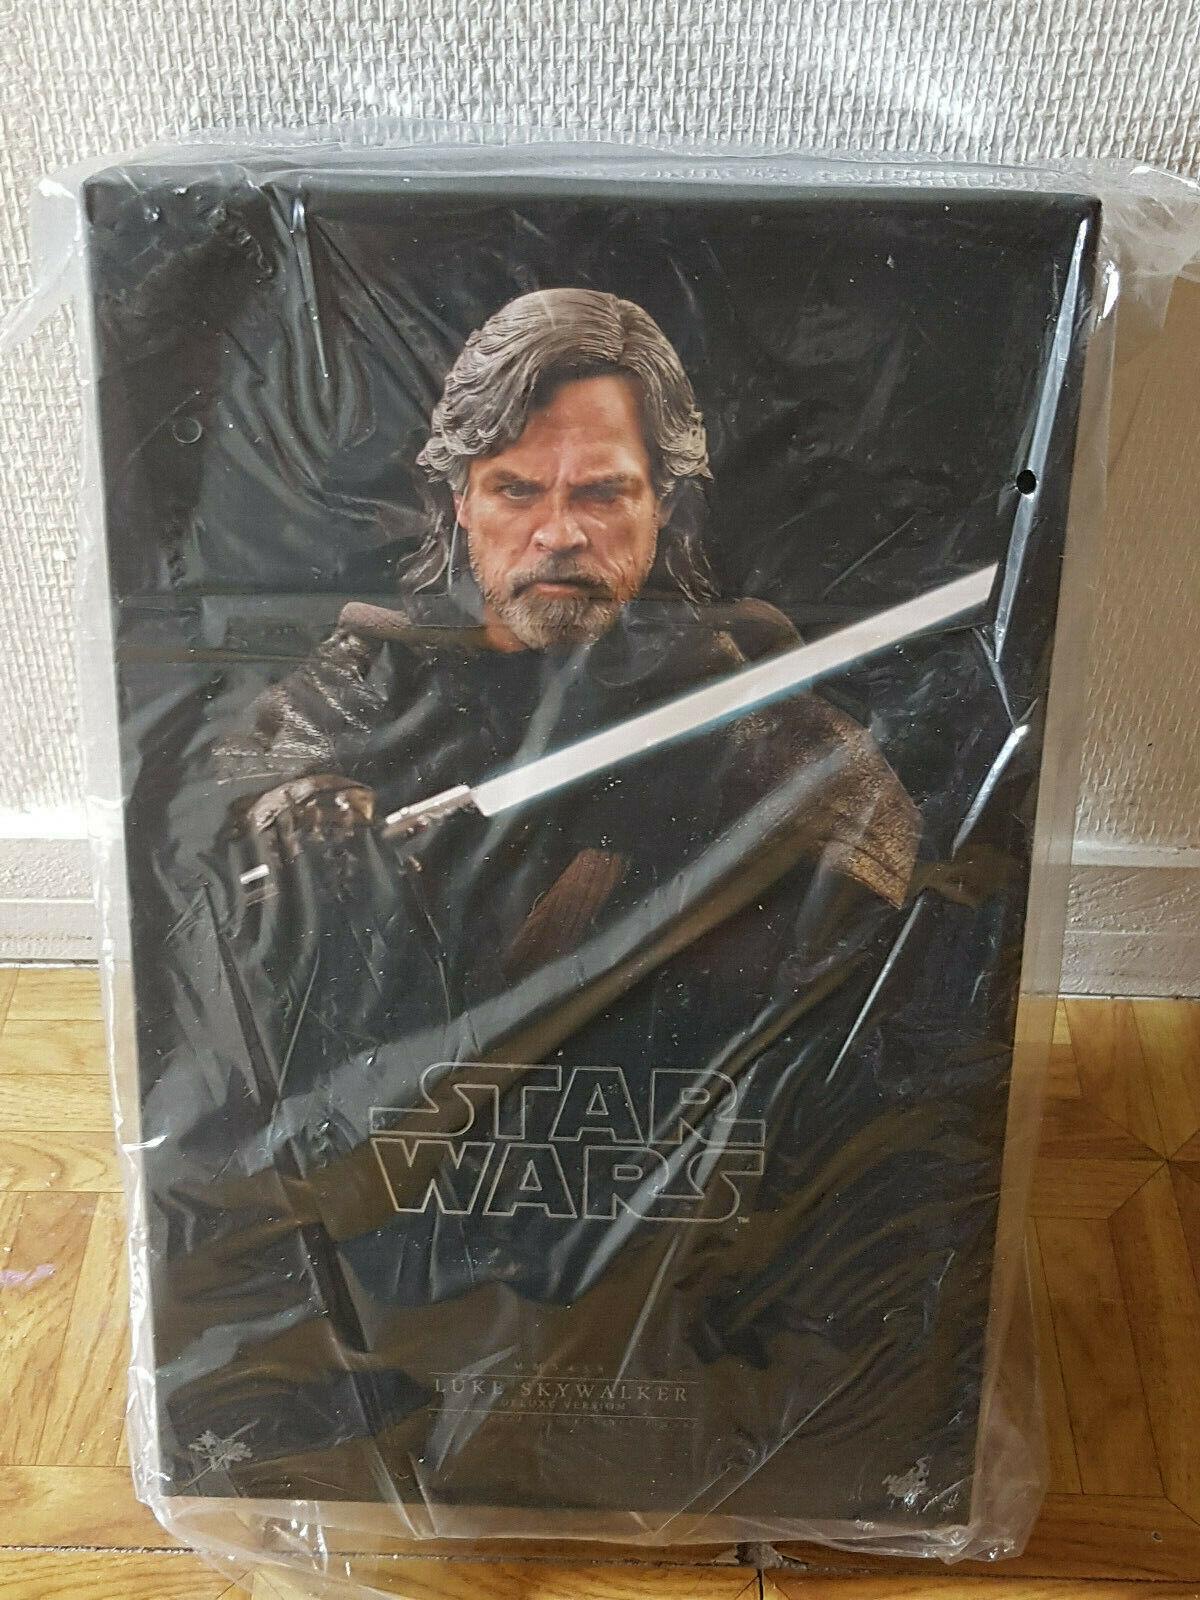 Hot Toys MMS458 Luke Skywalker Deluxe Version